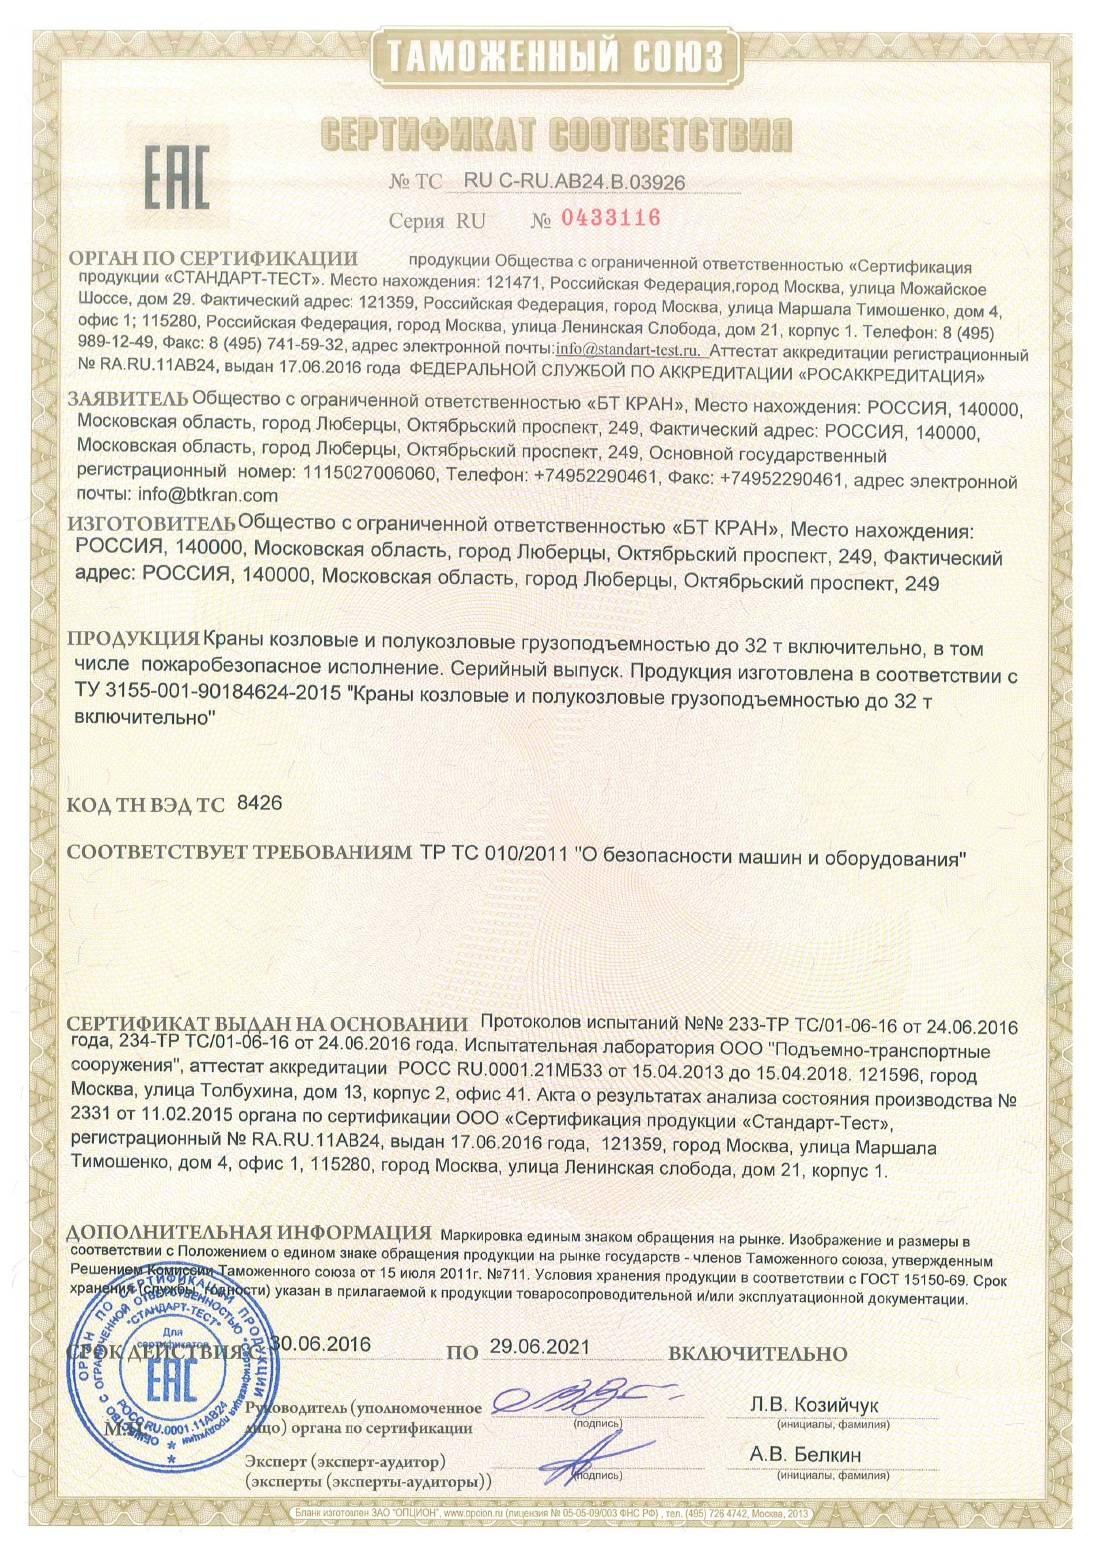 Сертификат на козловые краны до 07.2021г